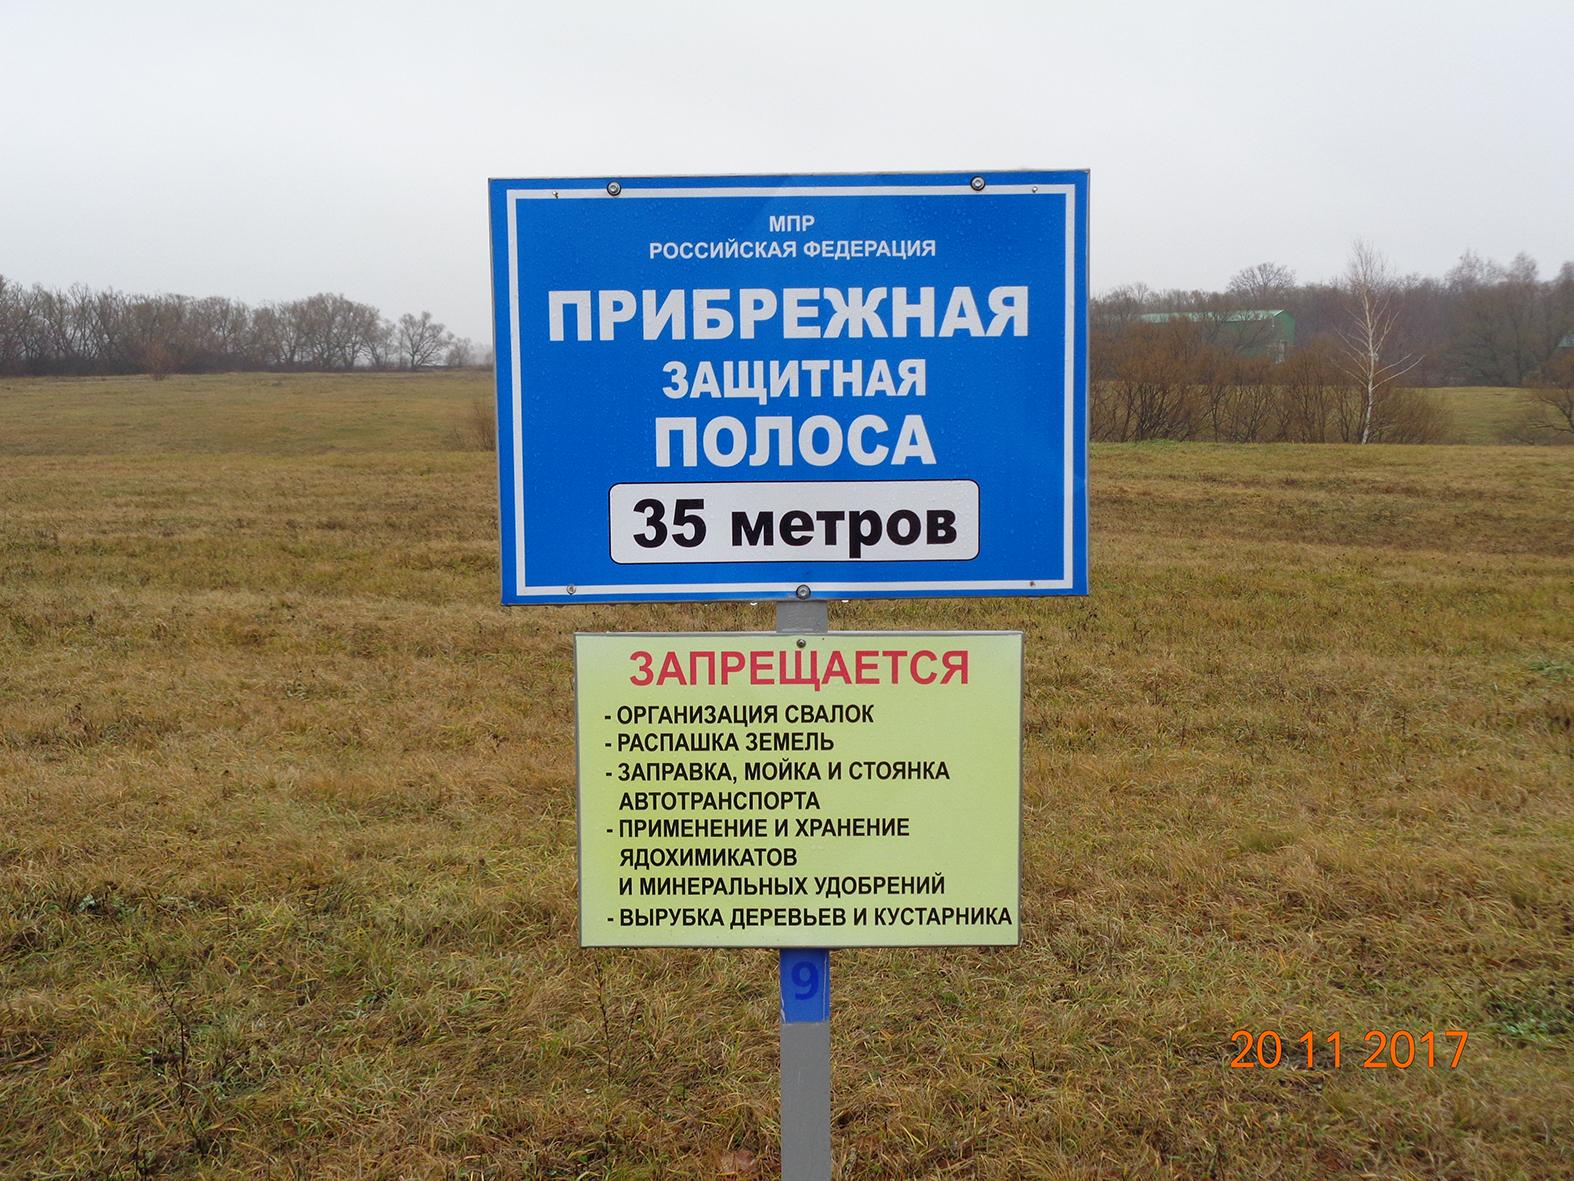 Обновленные водоохранные знаки в прибрежной зоне Барского пруда